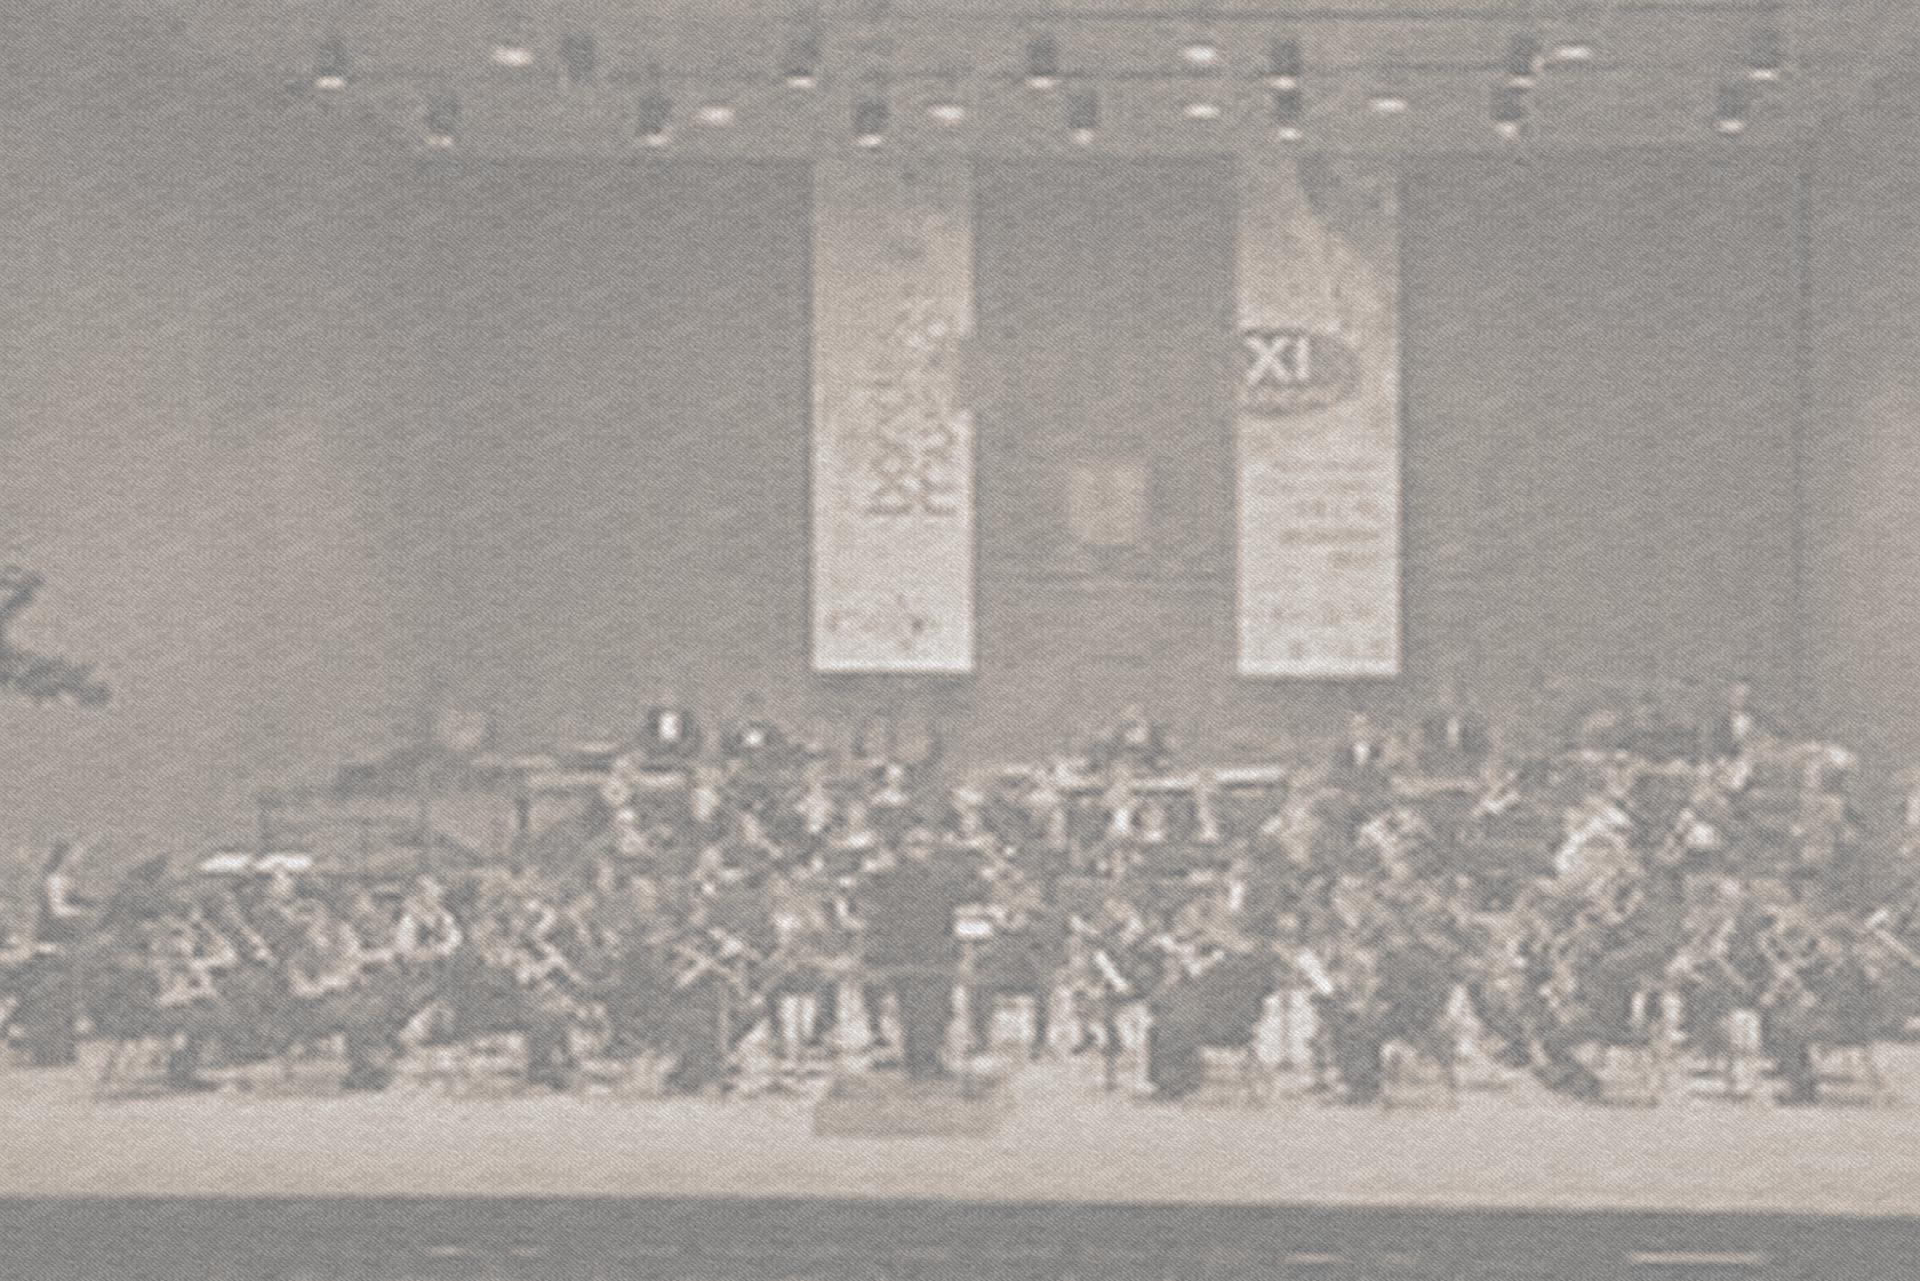 Certamen Internacional Bandas Música Galicia